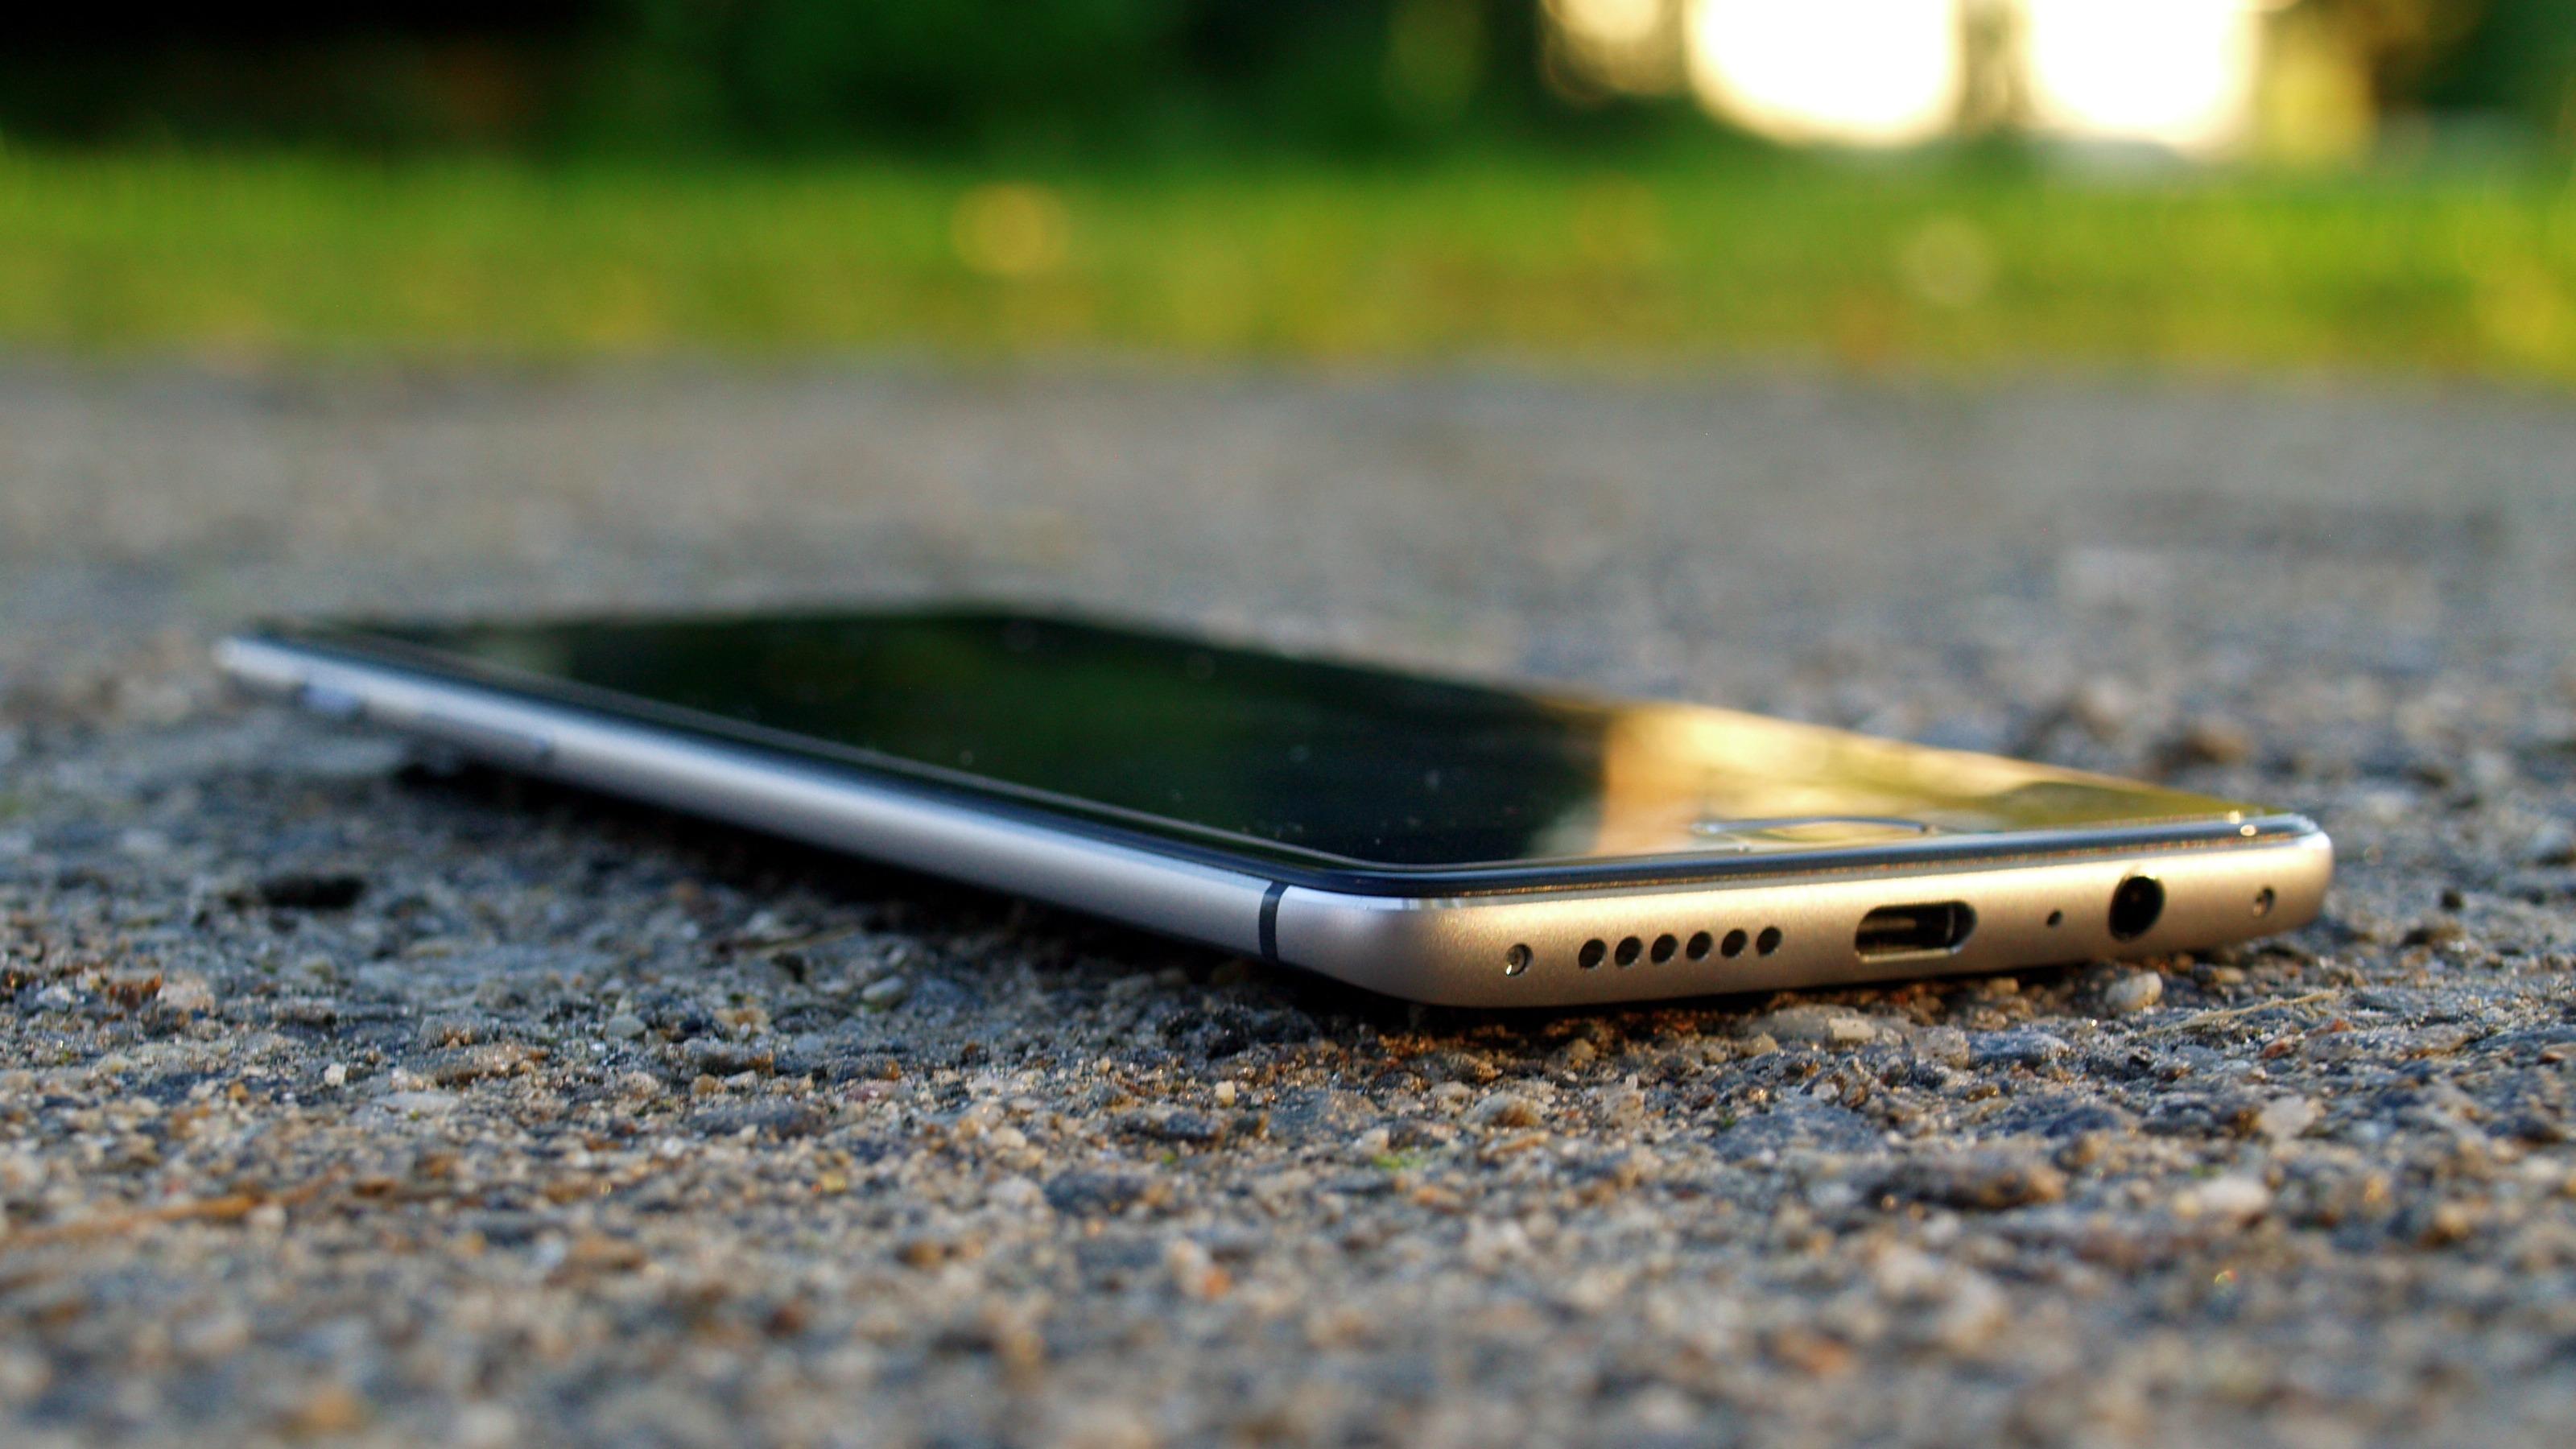 Migliori smartphone per rapporto qualit prezzo ecco quali acquistare libero tecnologia - Migliori cucine rapporto qualita prezzo ...